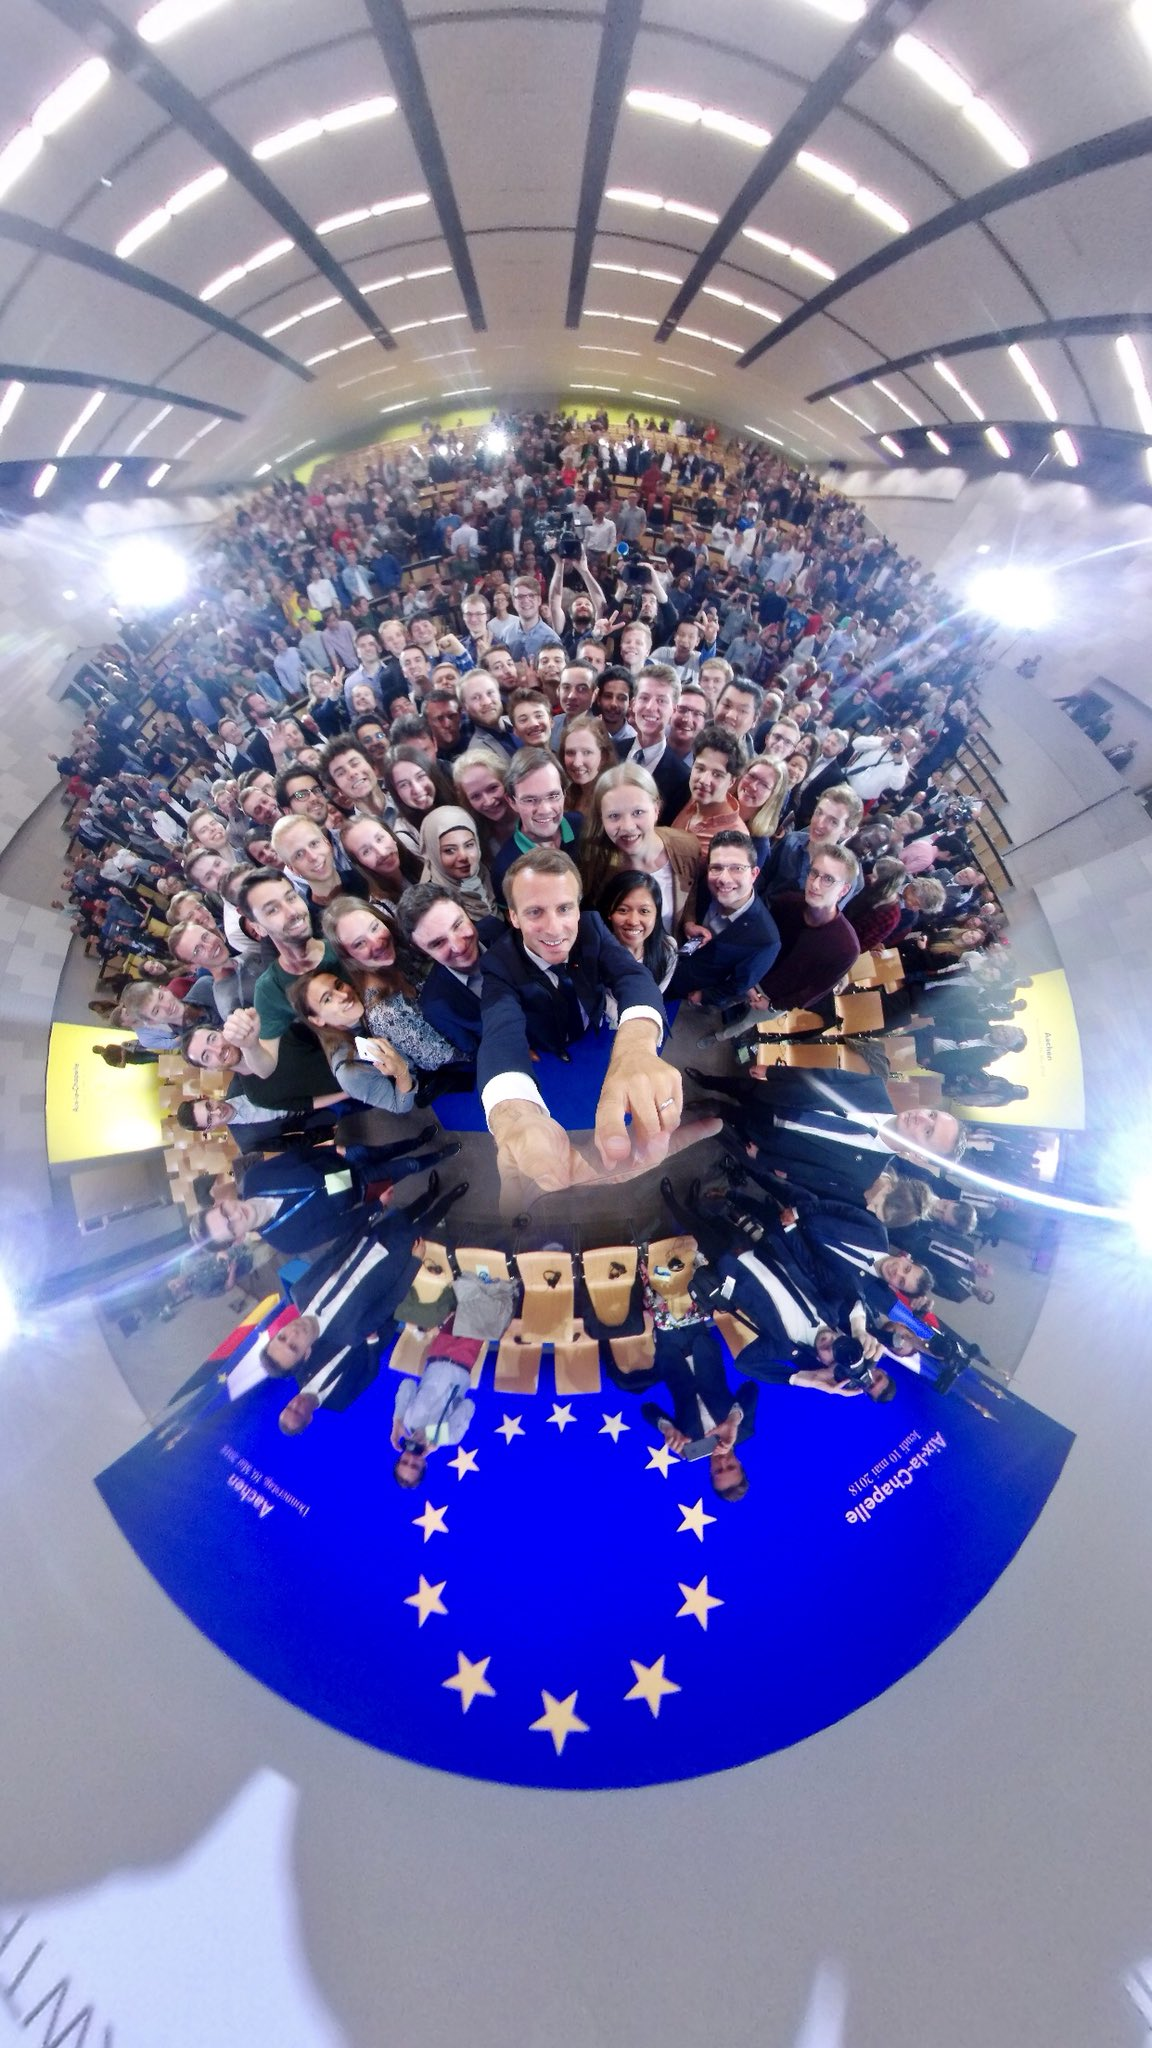 Qui a dit que l'Europe n'avait pas d'avenir ? #Karlspreis https://t.co/1fA4qhNJUn